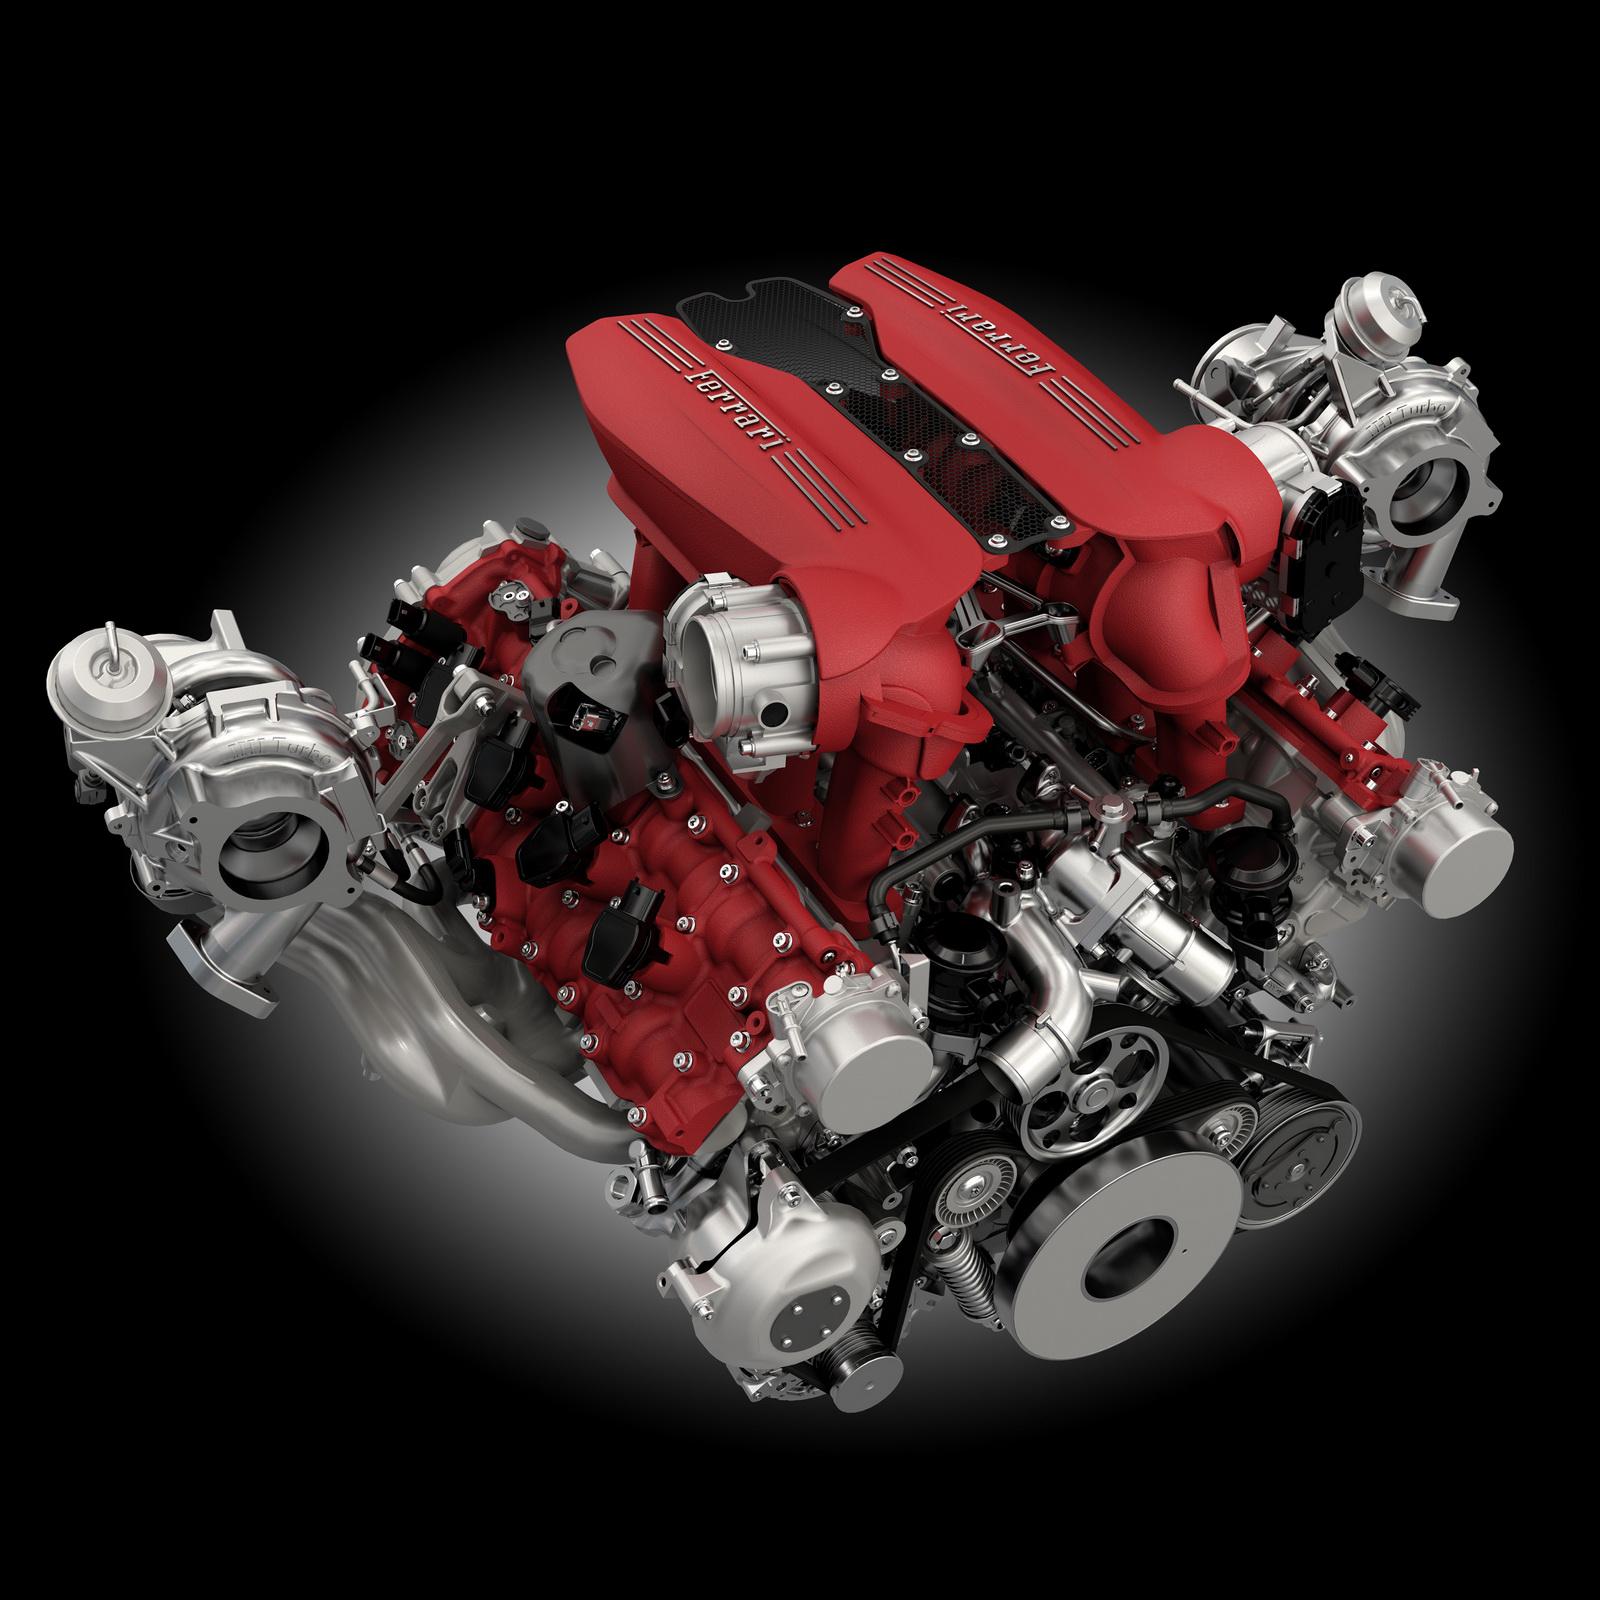 فيراري تطلق جي تي بي الجديدة بقوة 670 حصاناً Ferrari 488 GTB | المربع نت